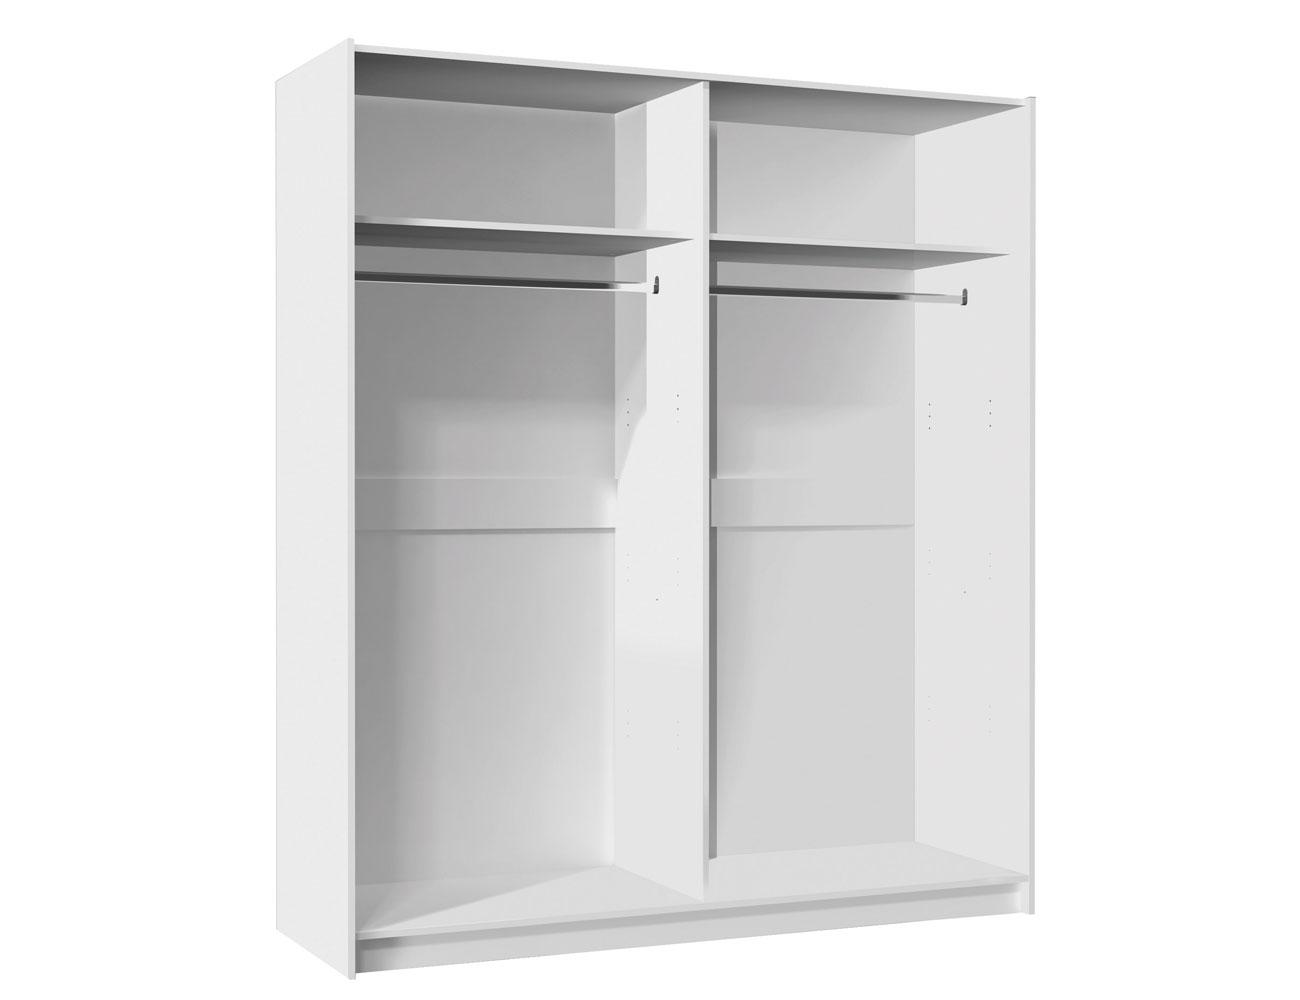 Armario puertas correderas blanco 150 cm de ancho - Armario blanco puertas correderas ...